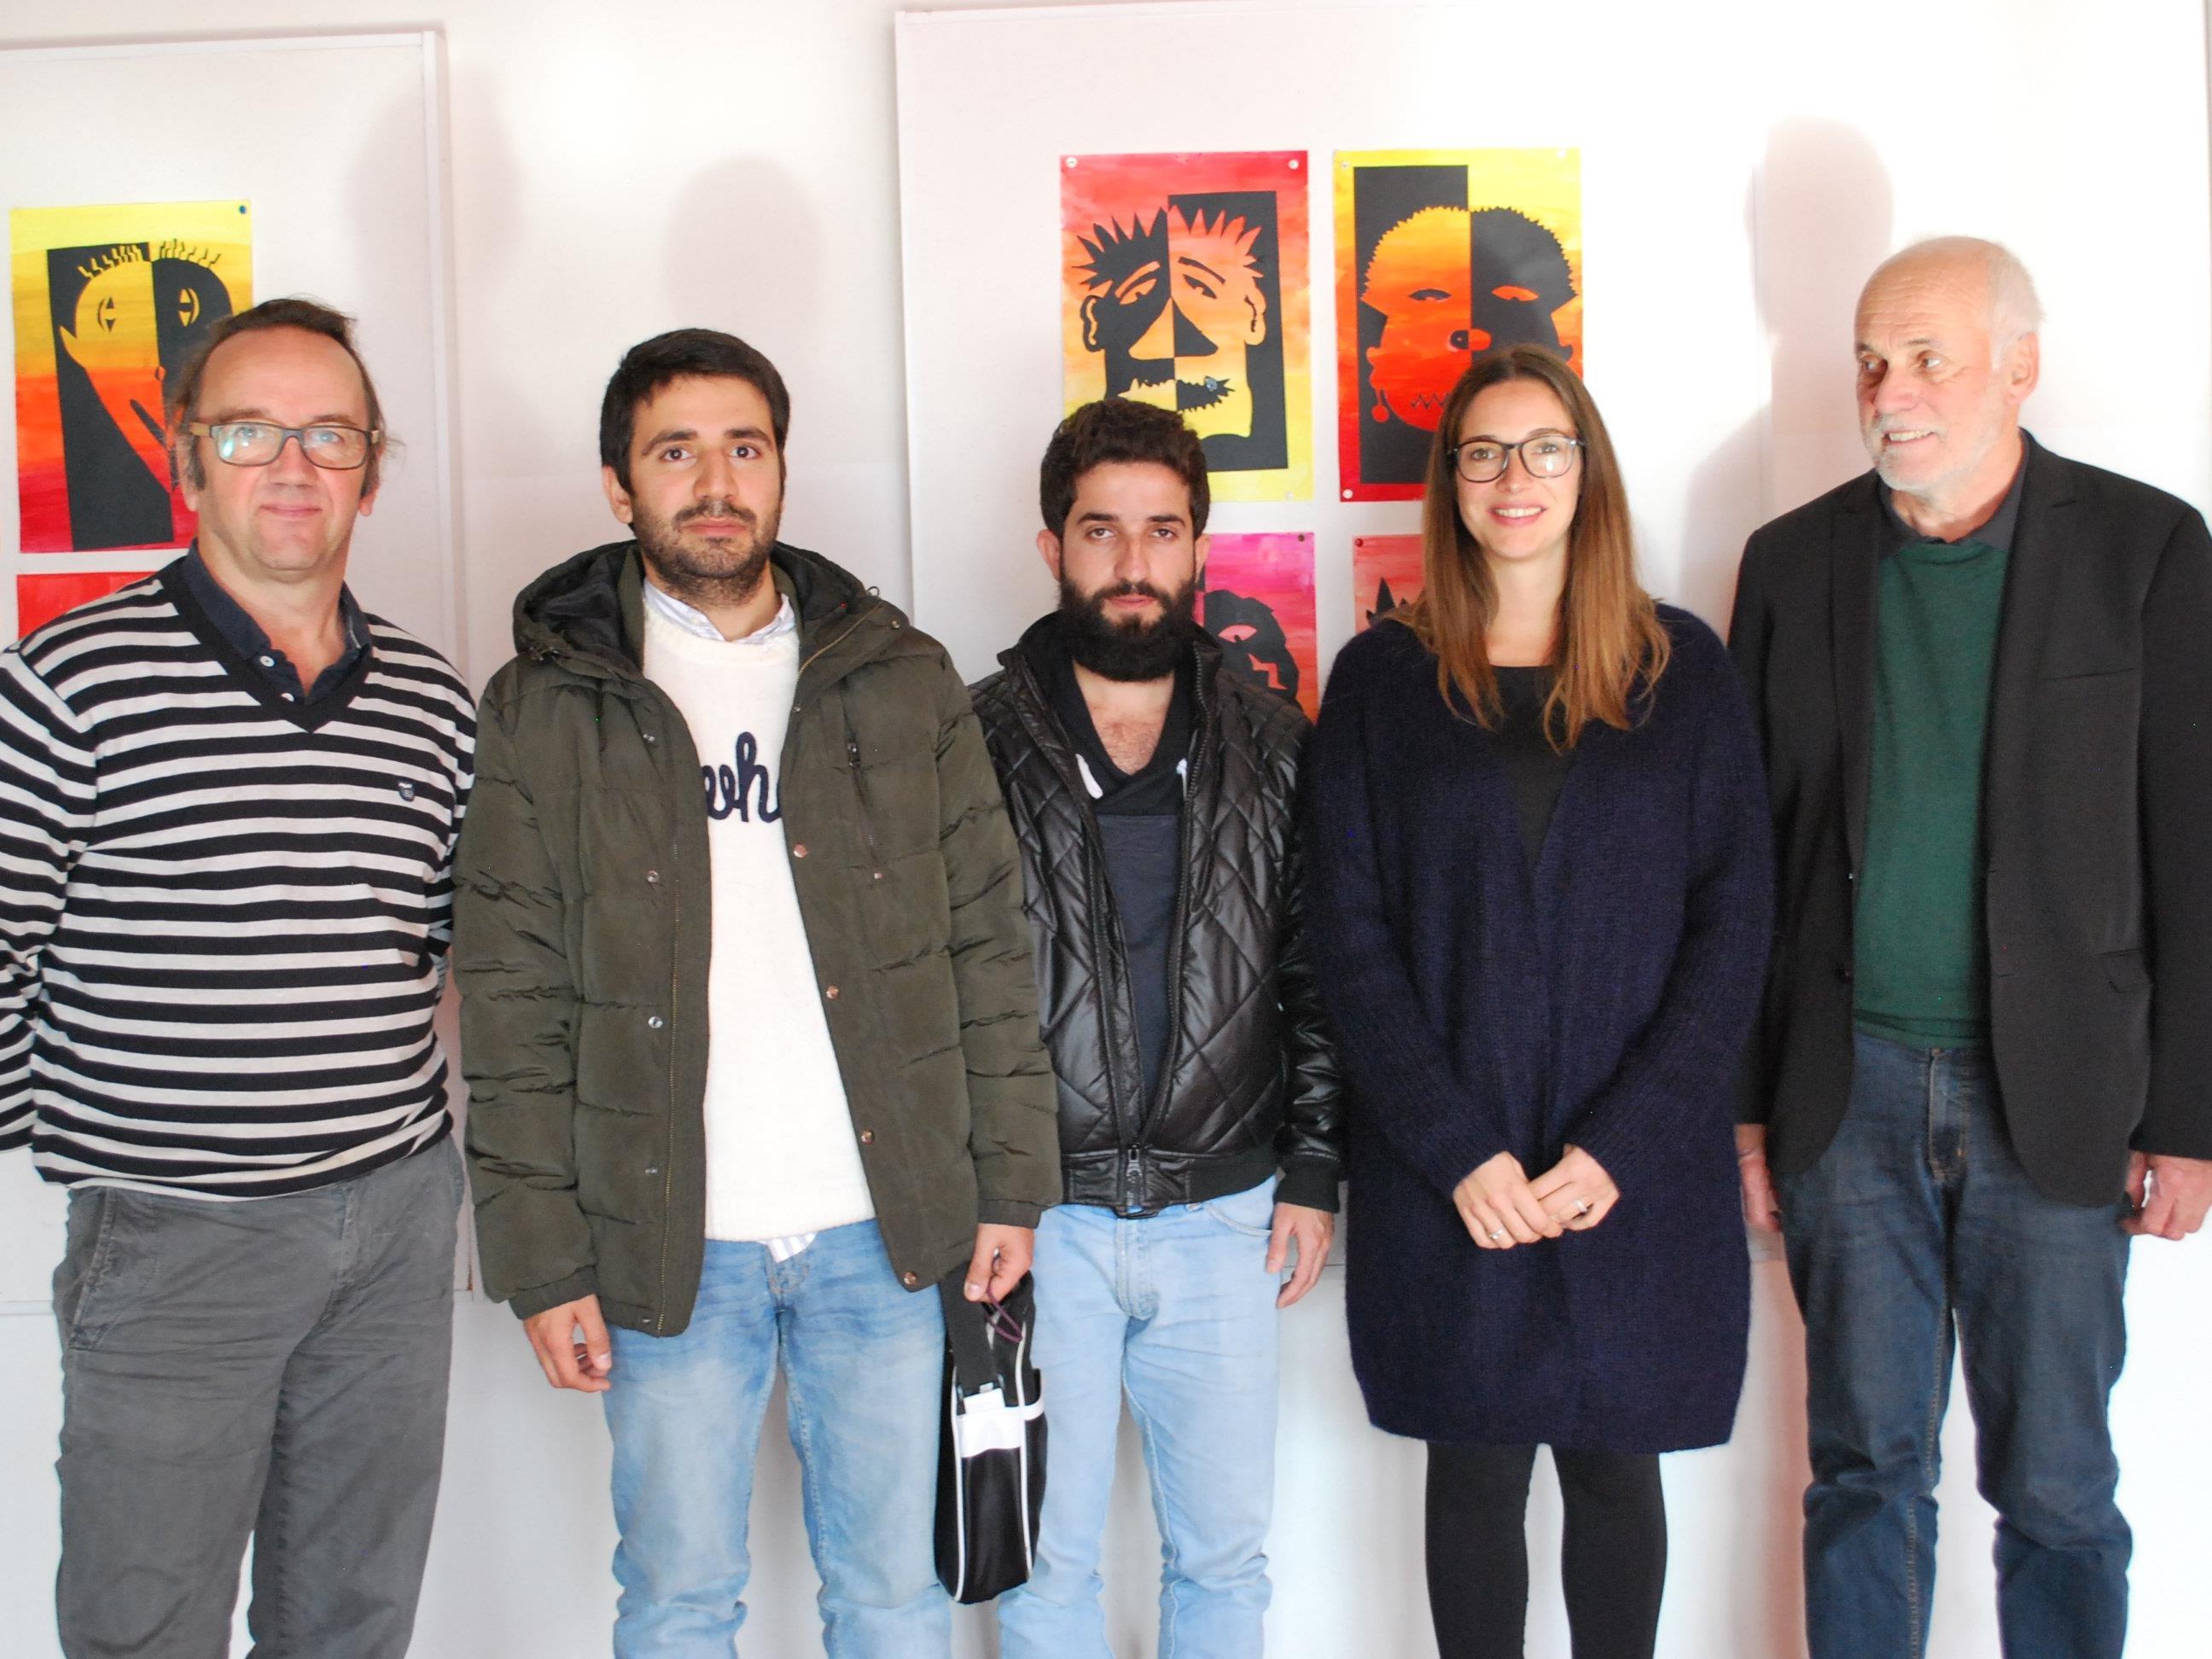 Workshop projektXchange: Markus Schelling, Omar, Mohammad, Stefanie Mäser, Manfred Hagen